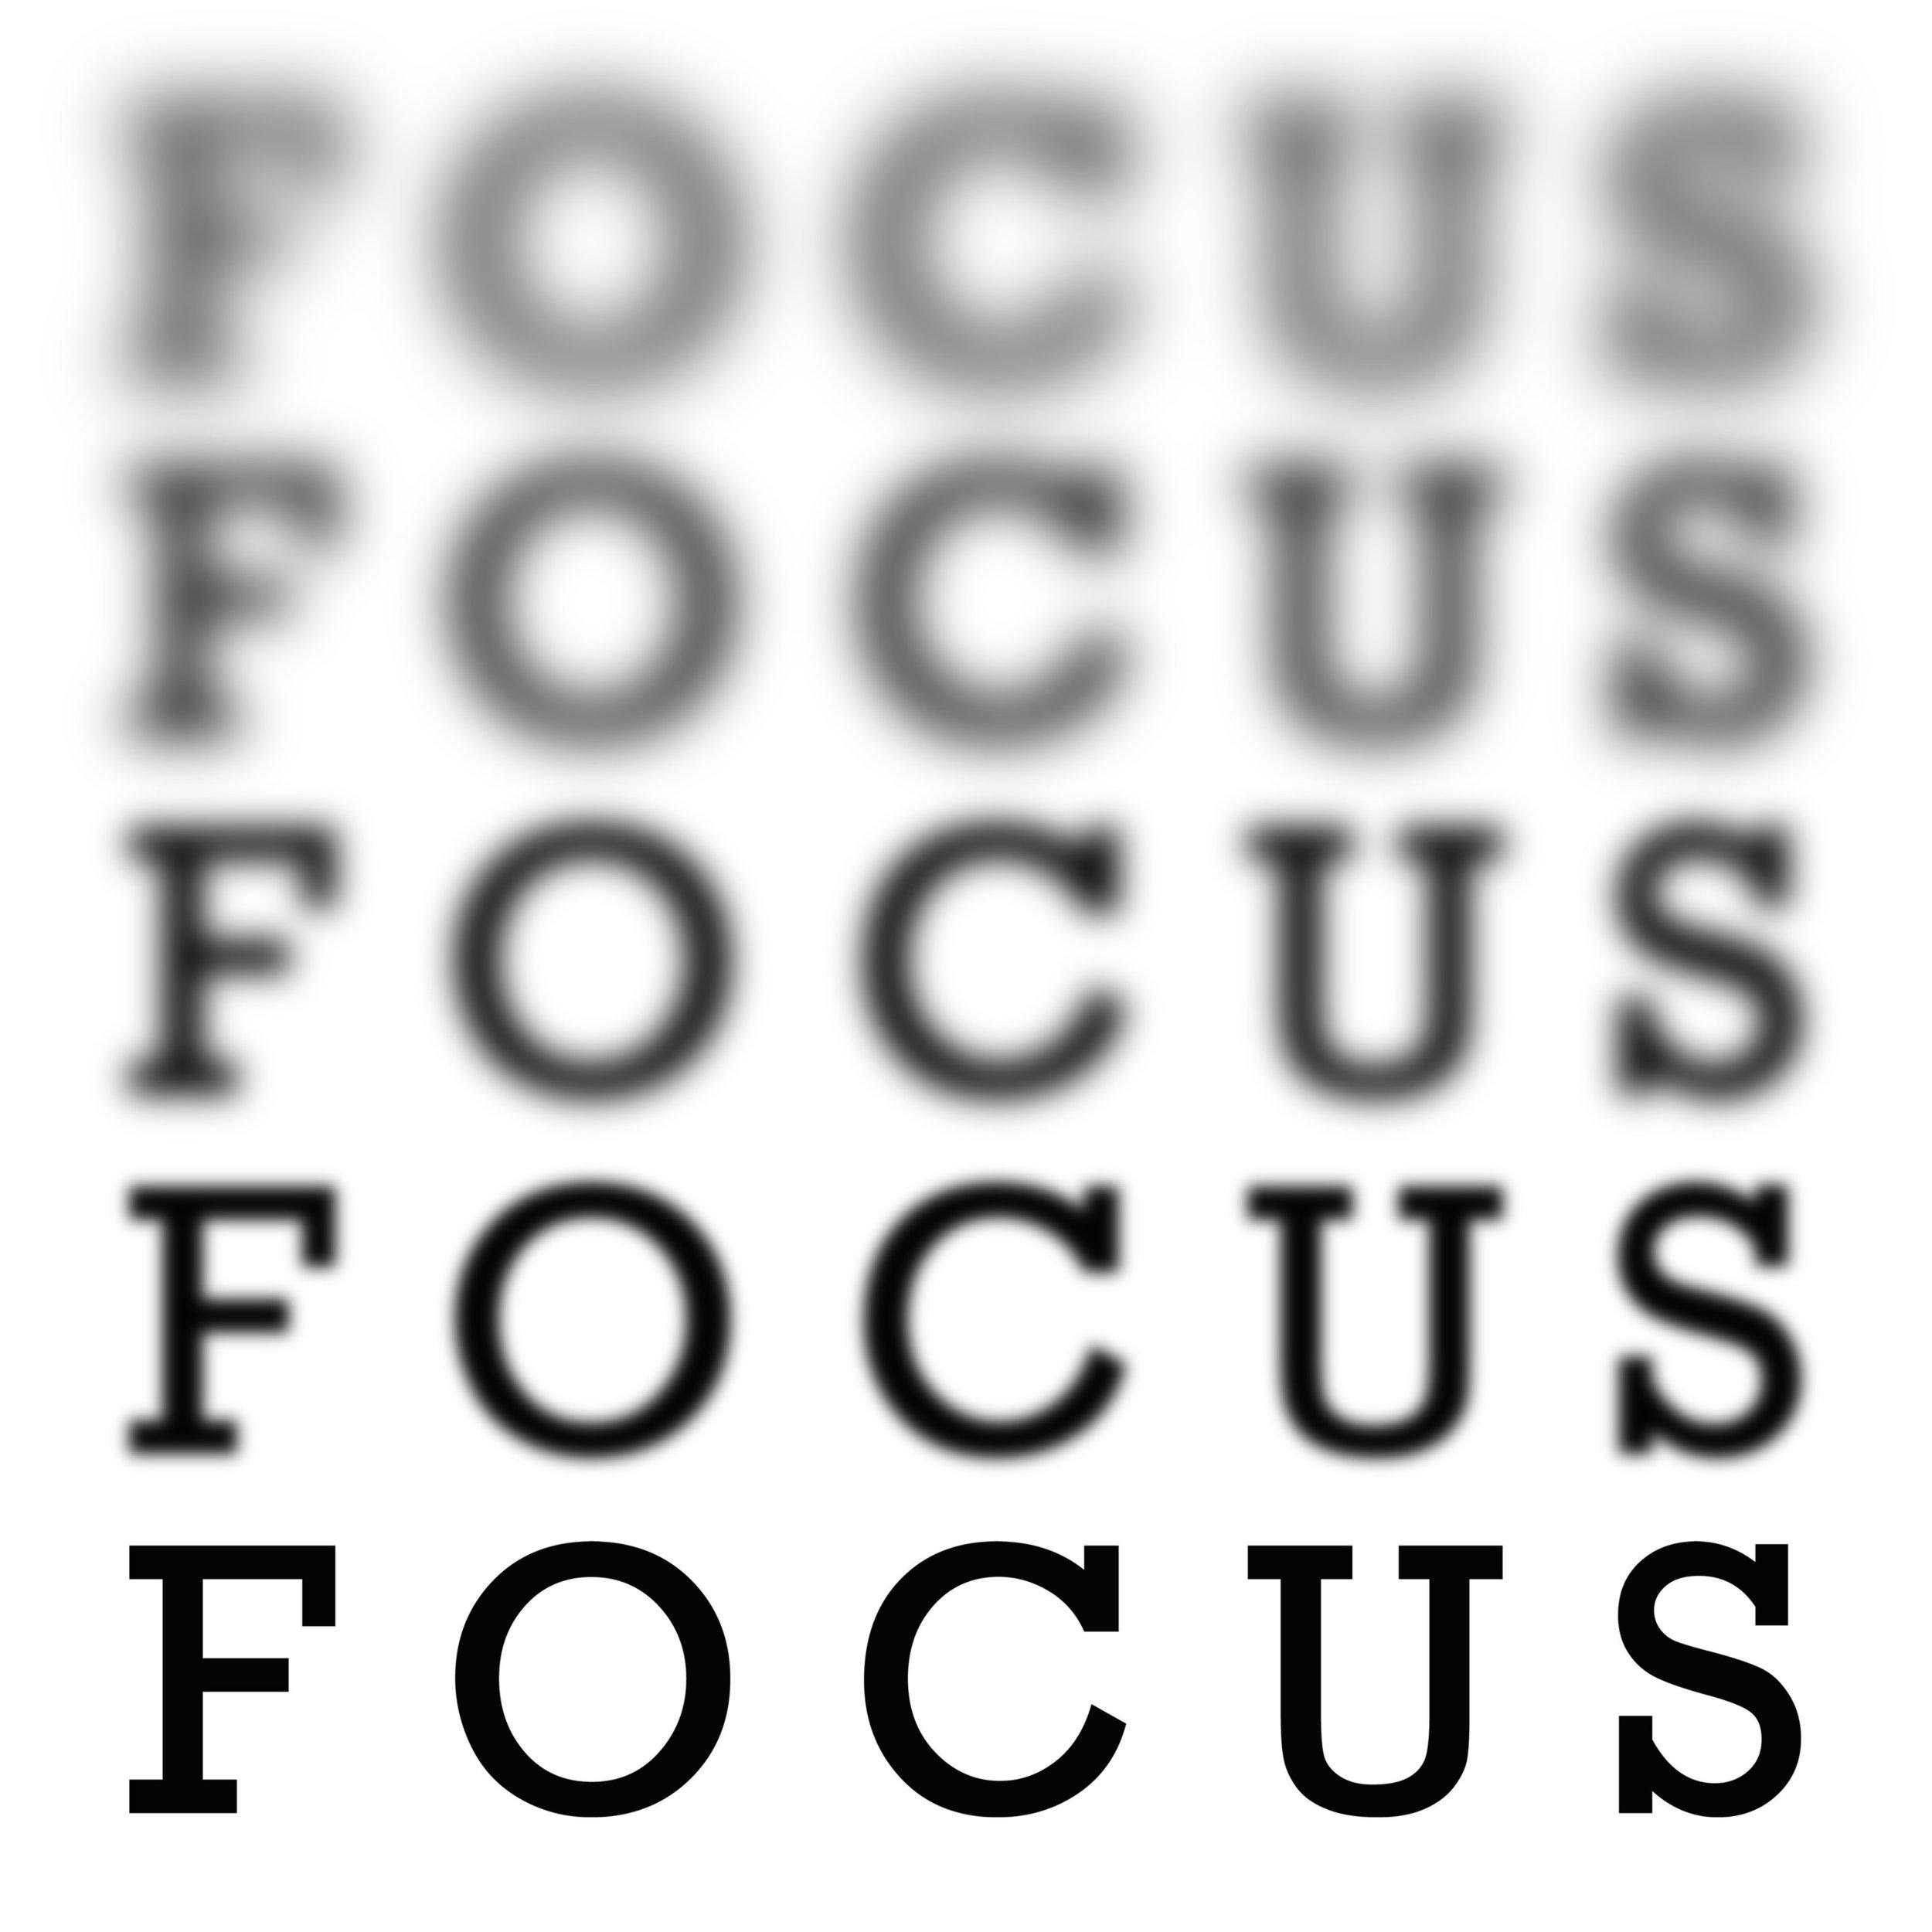 focus words.jpg